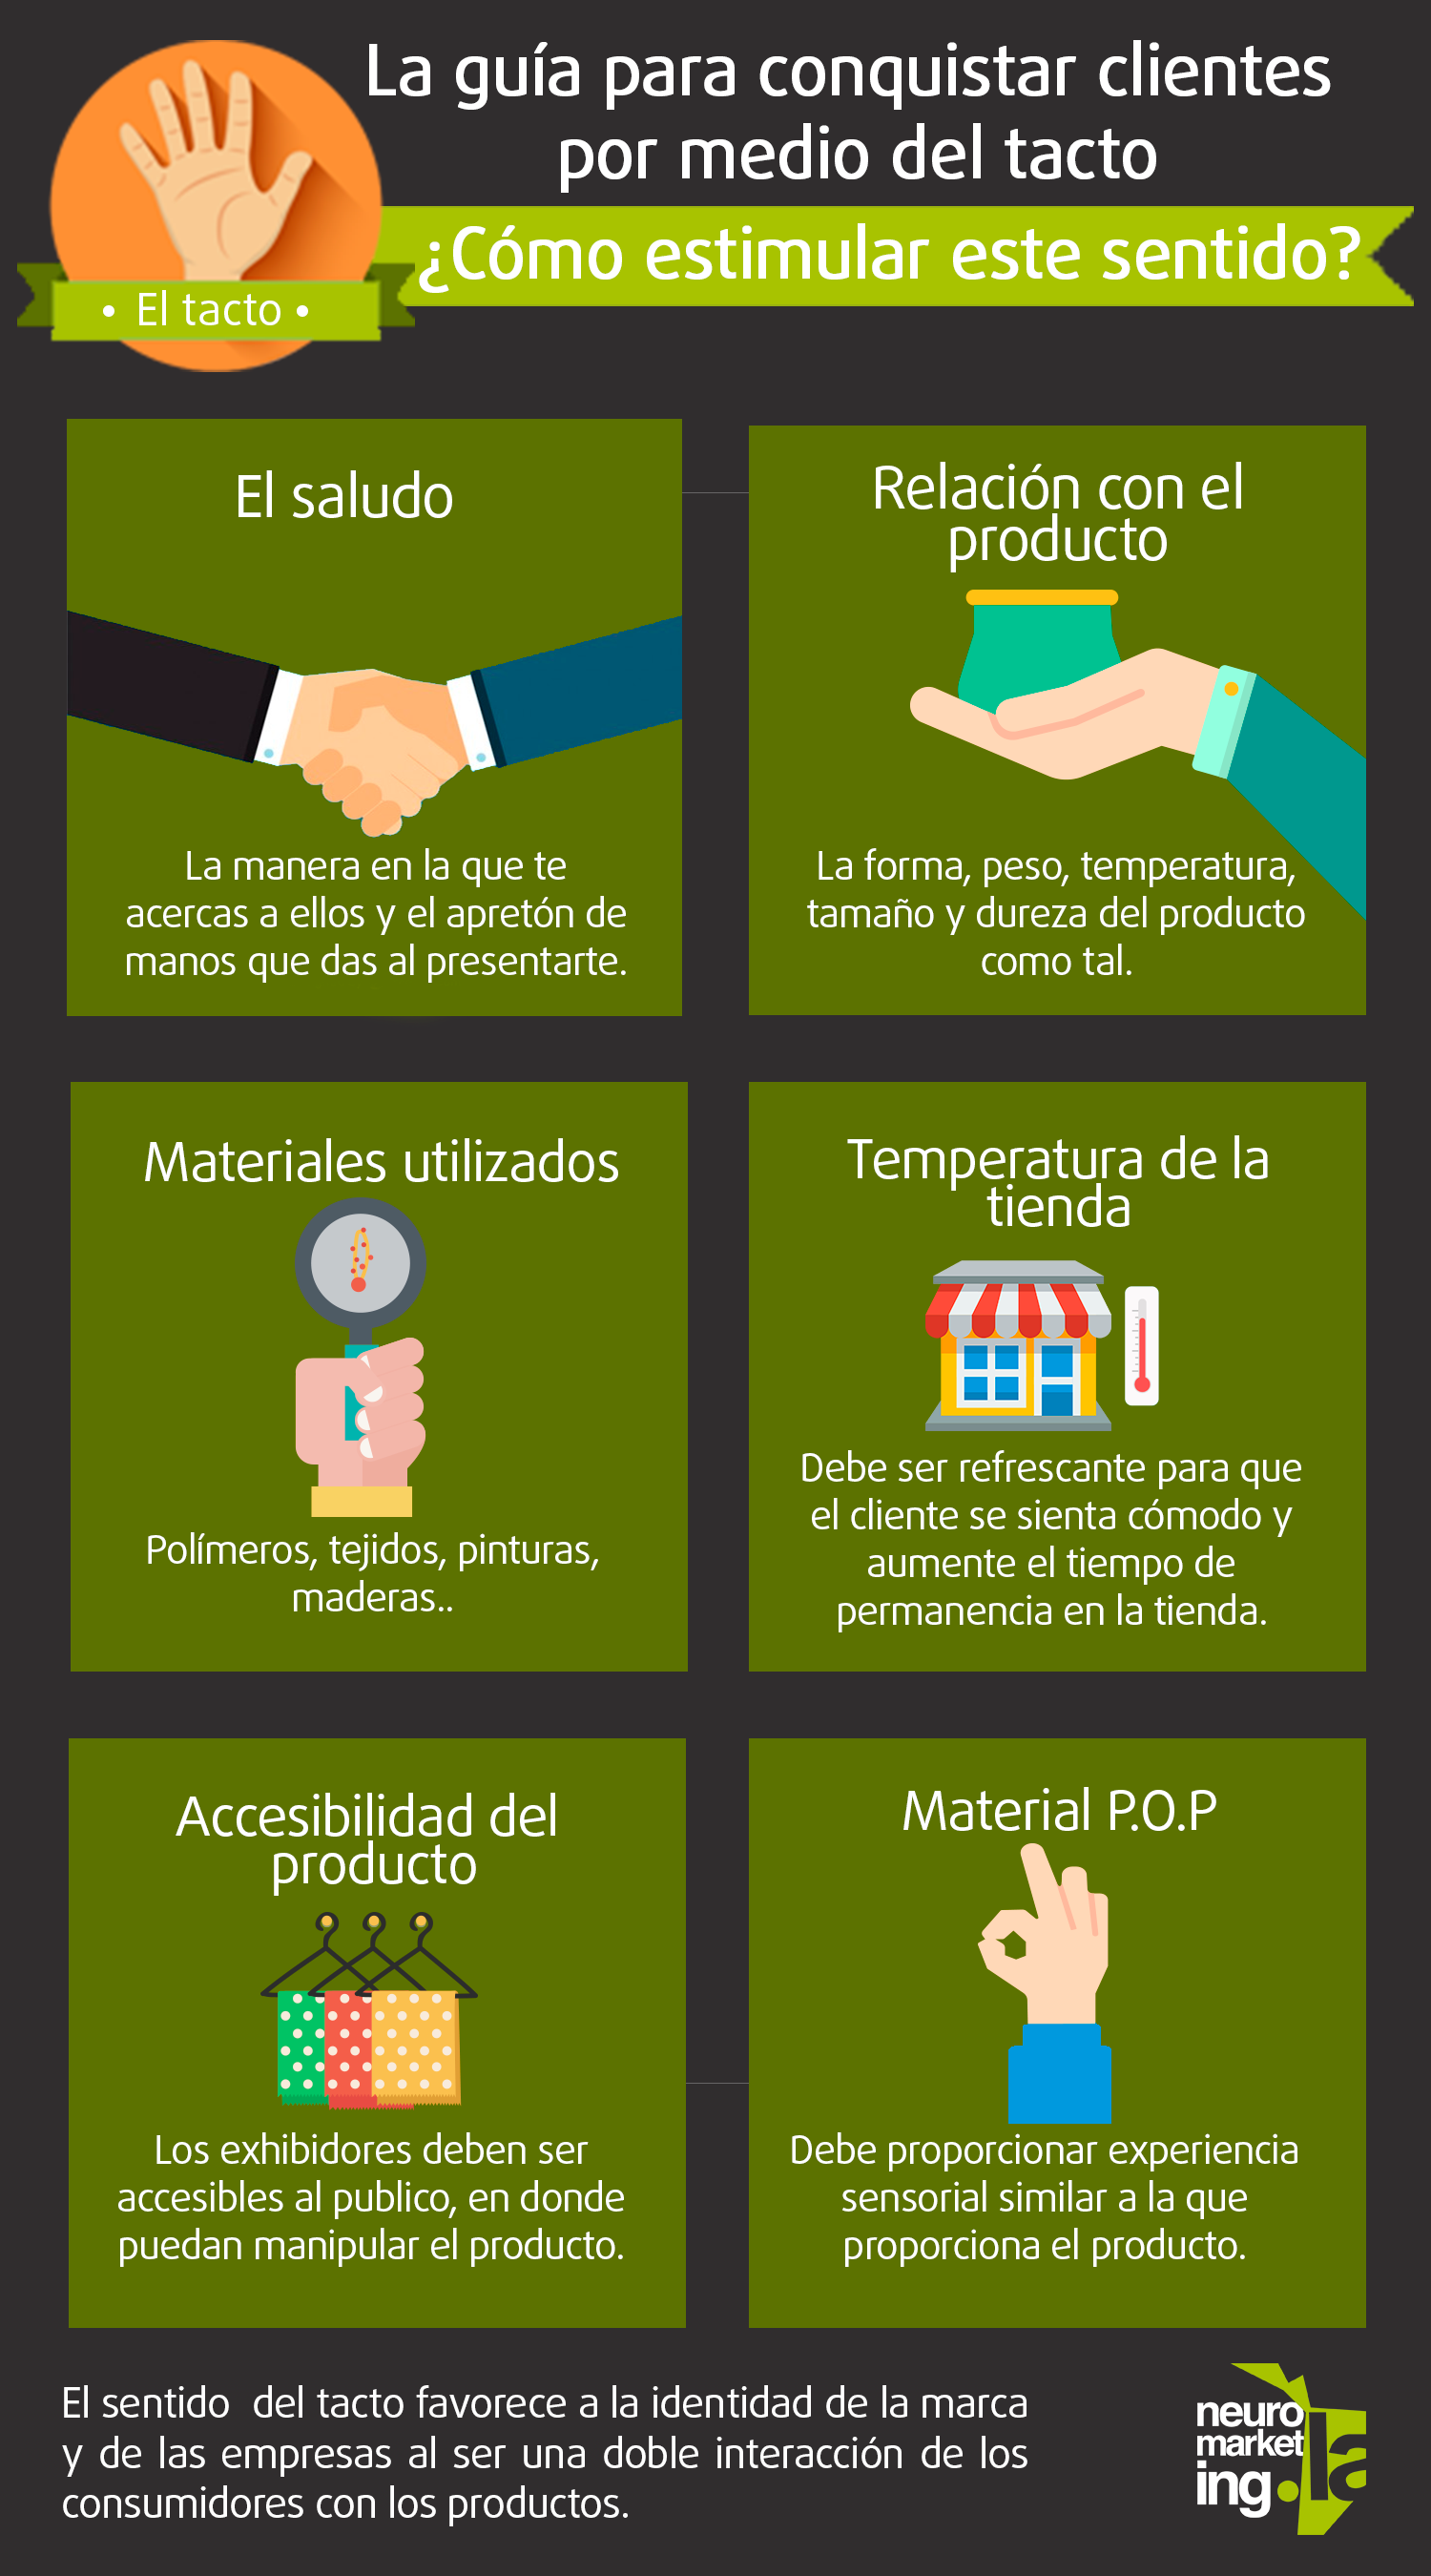 Guía para conquistar clientes por medio del tacto